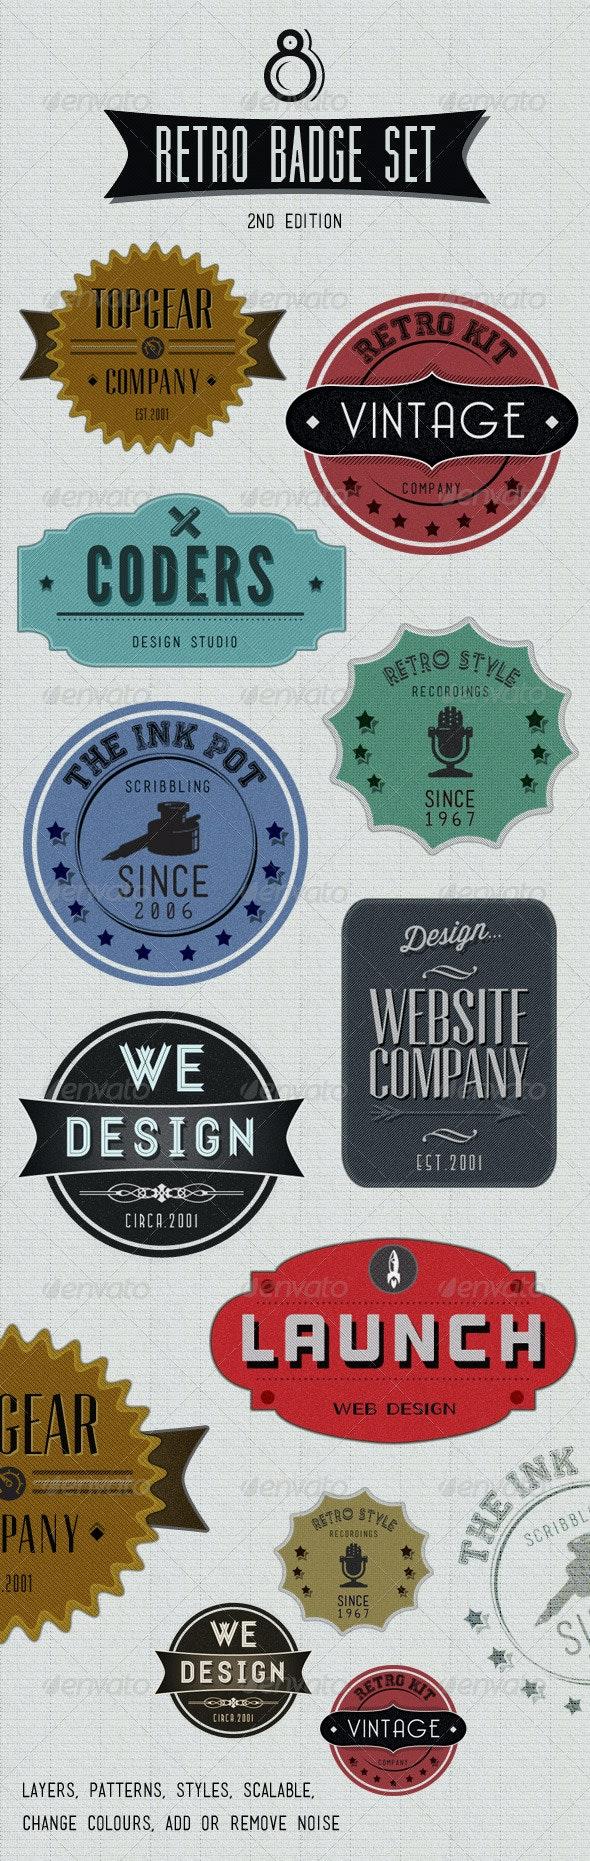 Retro Badges - Faded Vintage Labels - V.2 - Badges & Stickers Web Elements